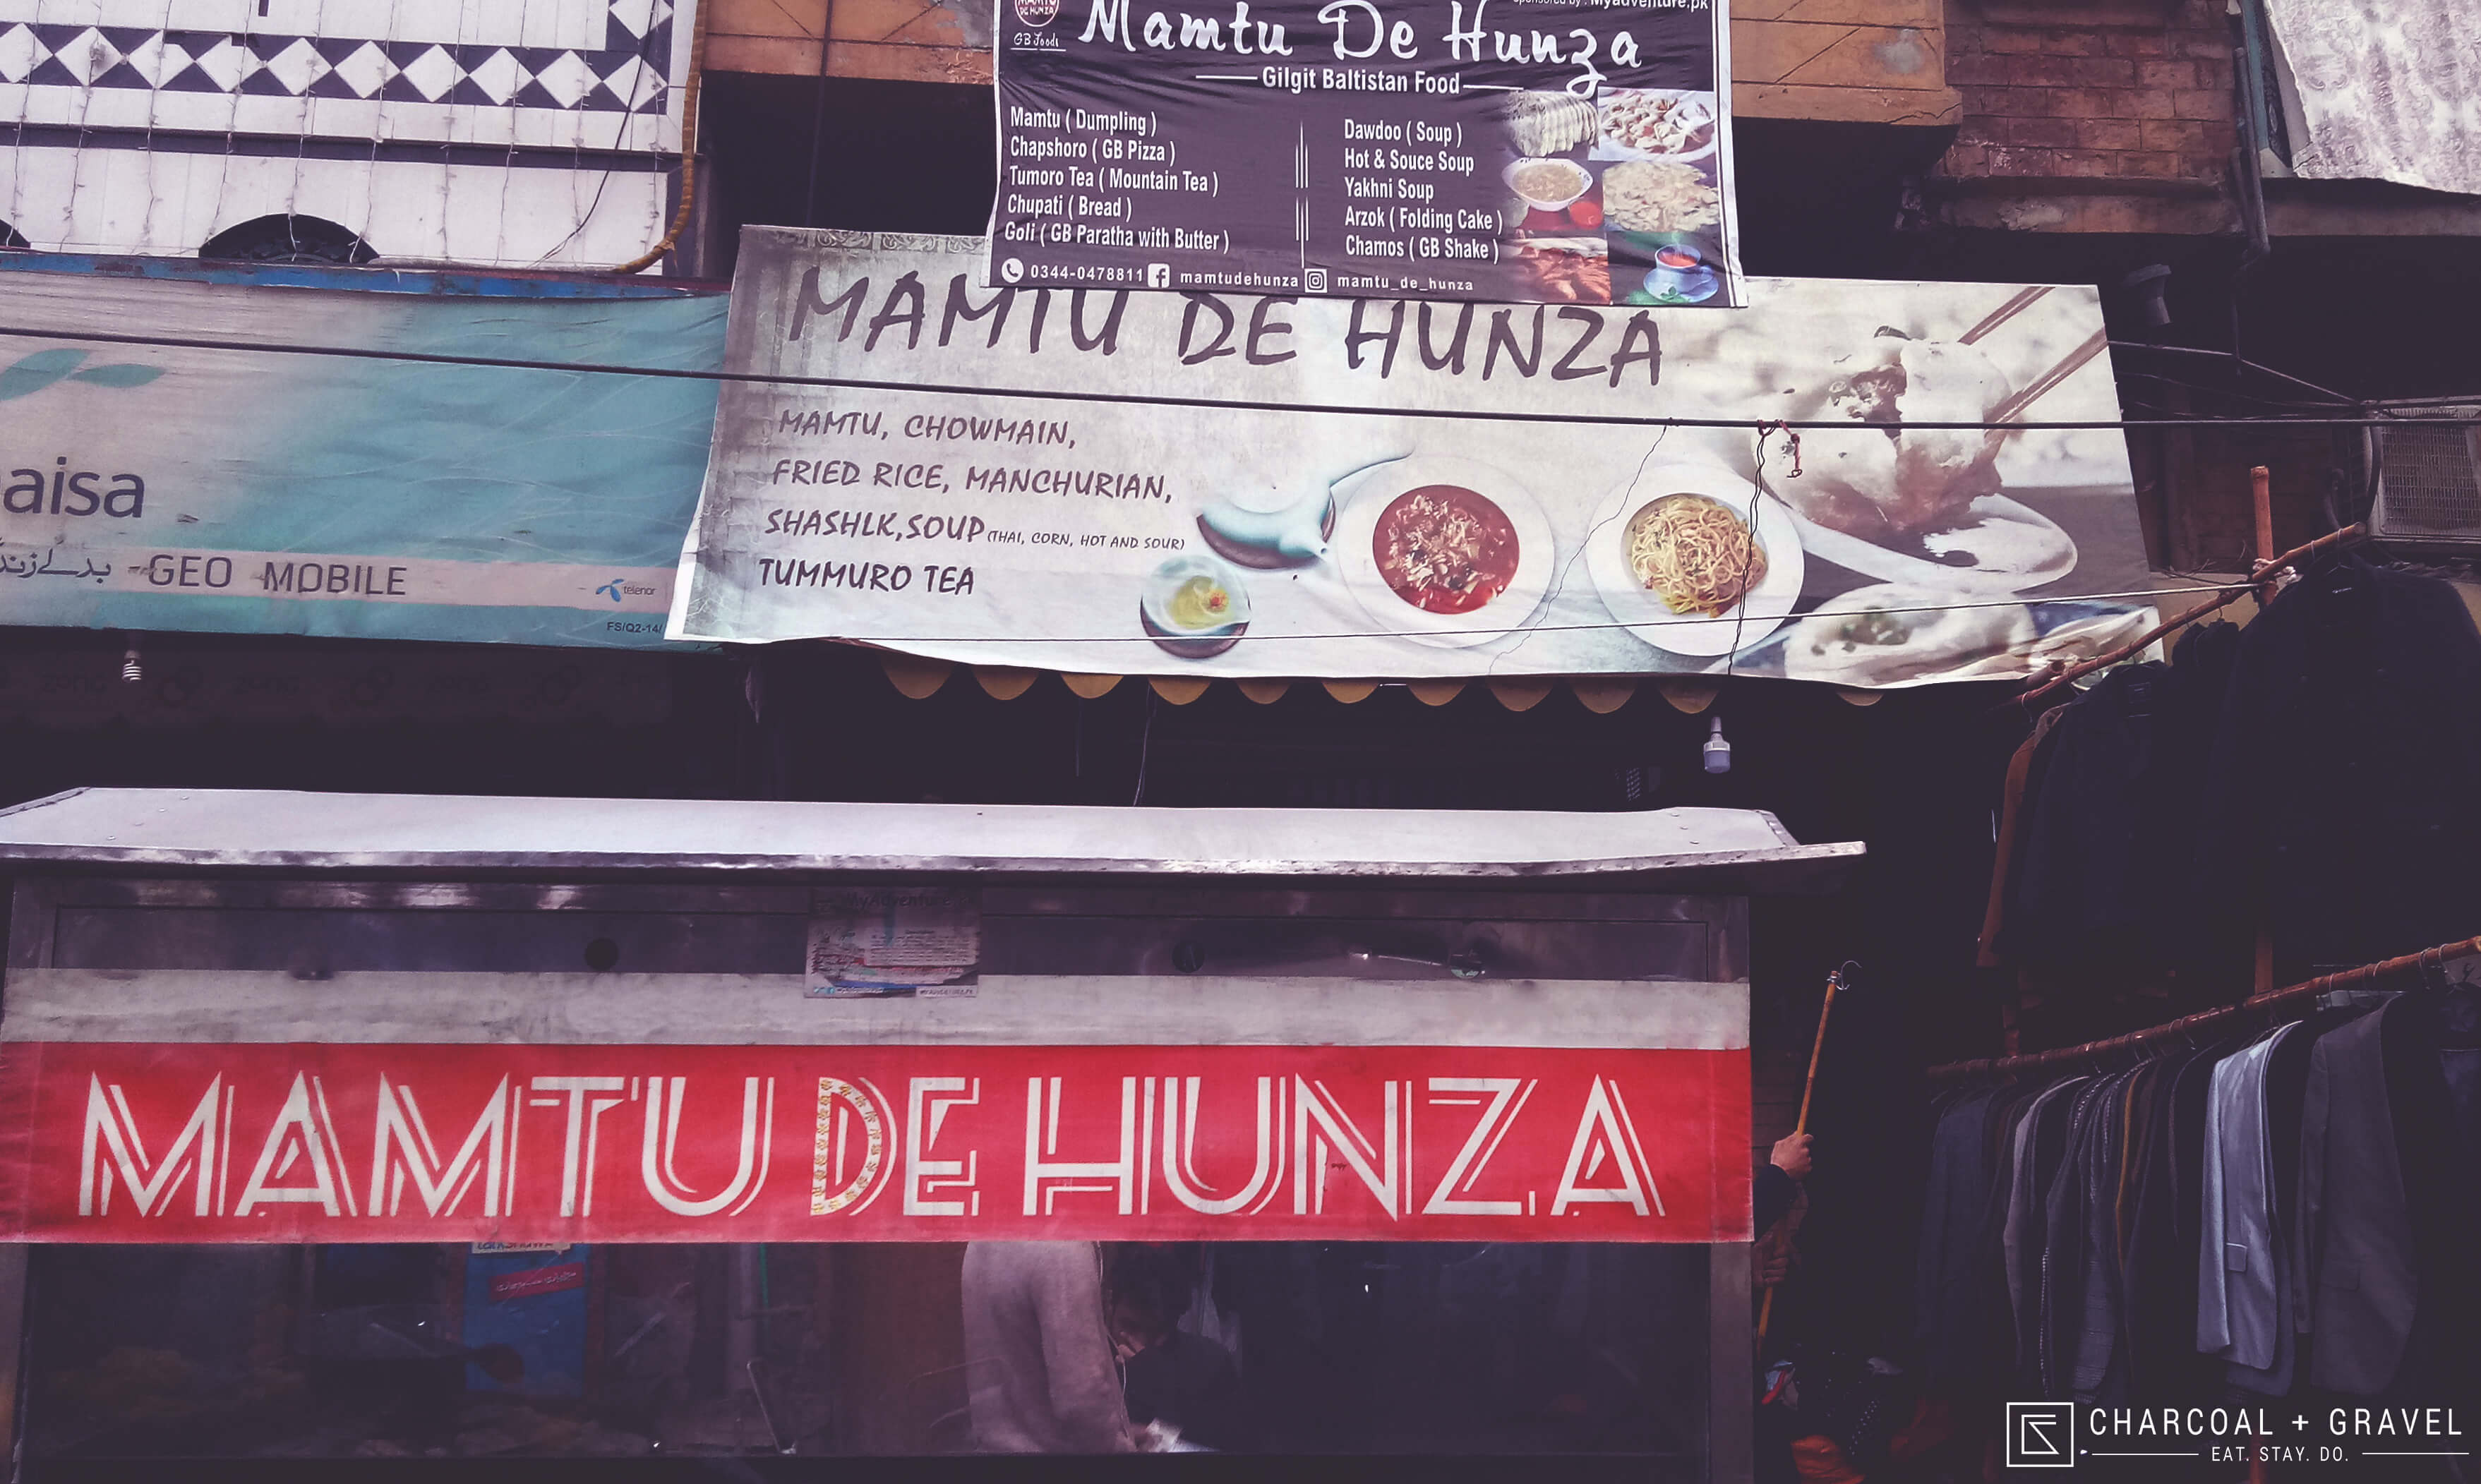 Mamtu de Hunza